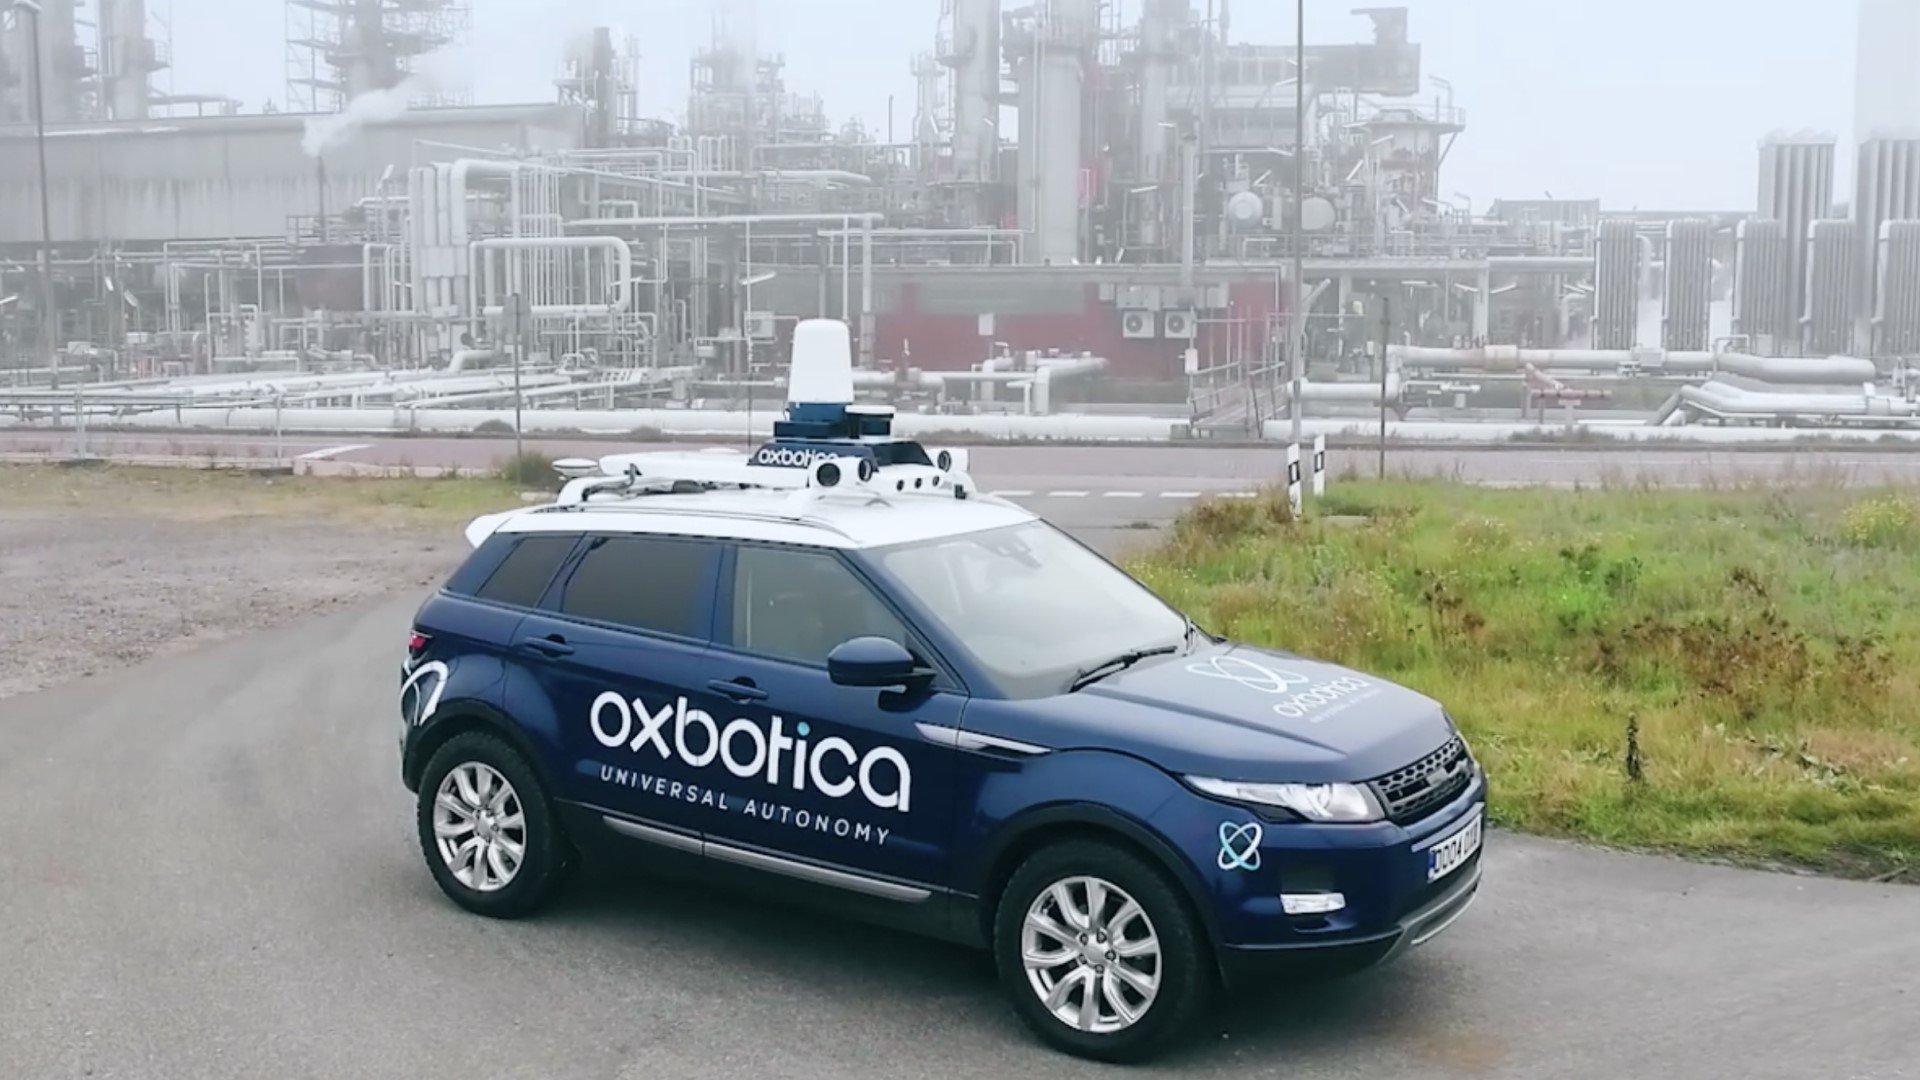 Oxbotica et AppliedEV travaillent sur un véhicule autonome polyvalent